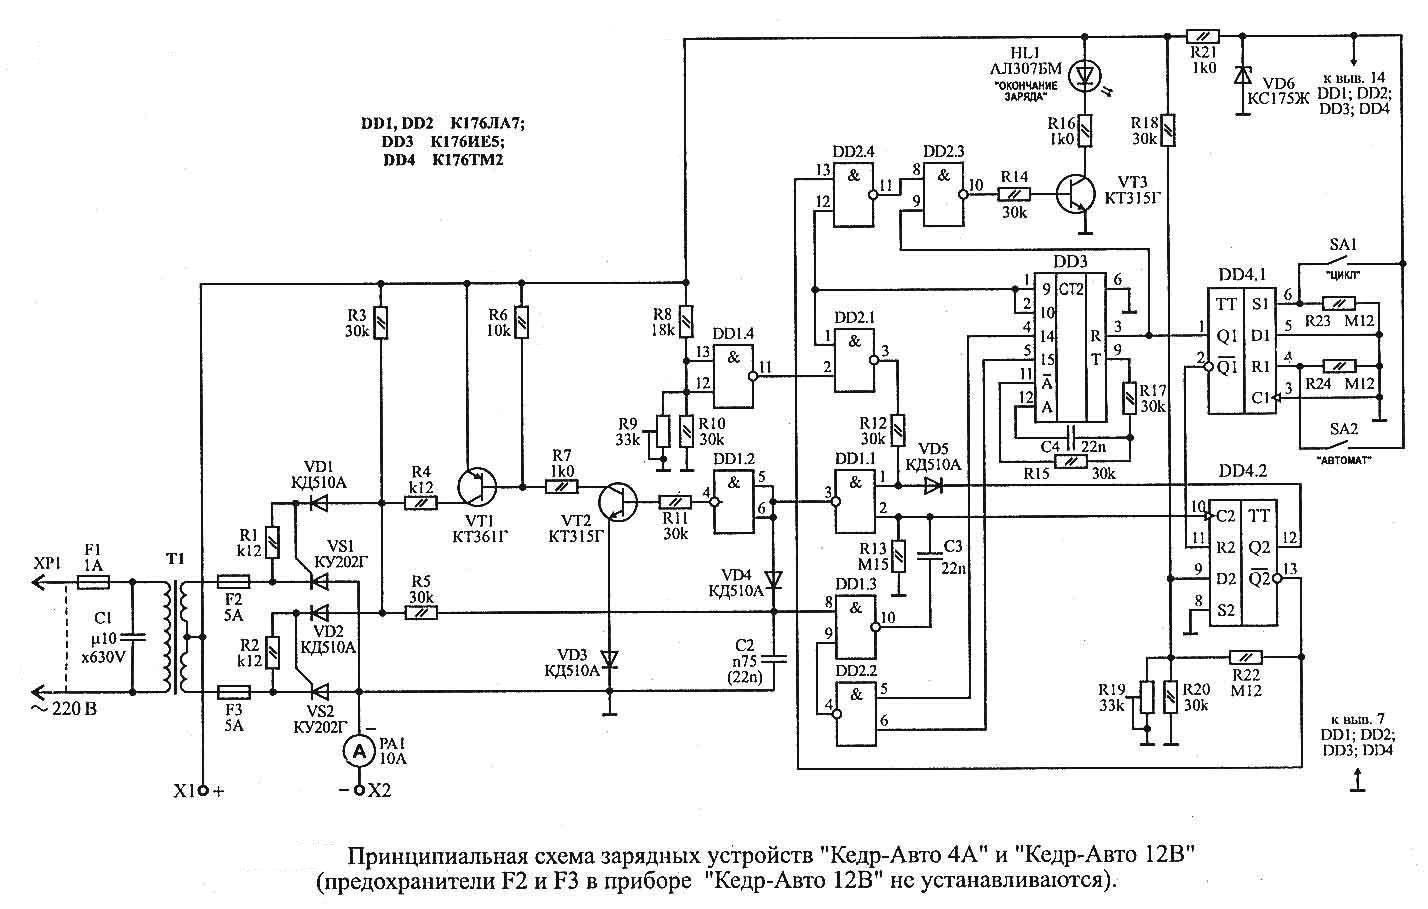 Принципиальная электрическая схема кедр авто 4а